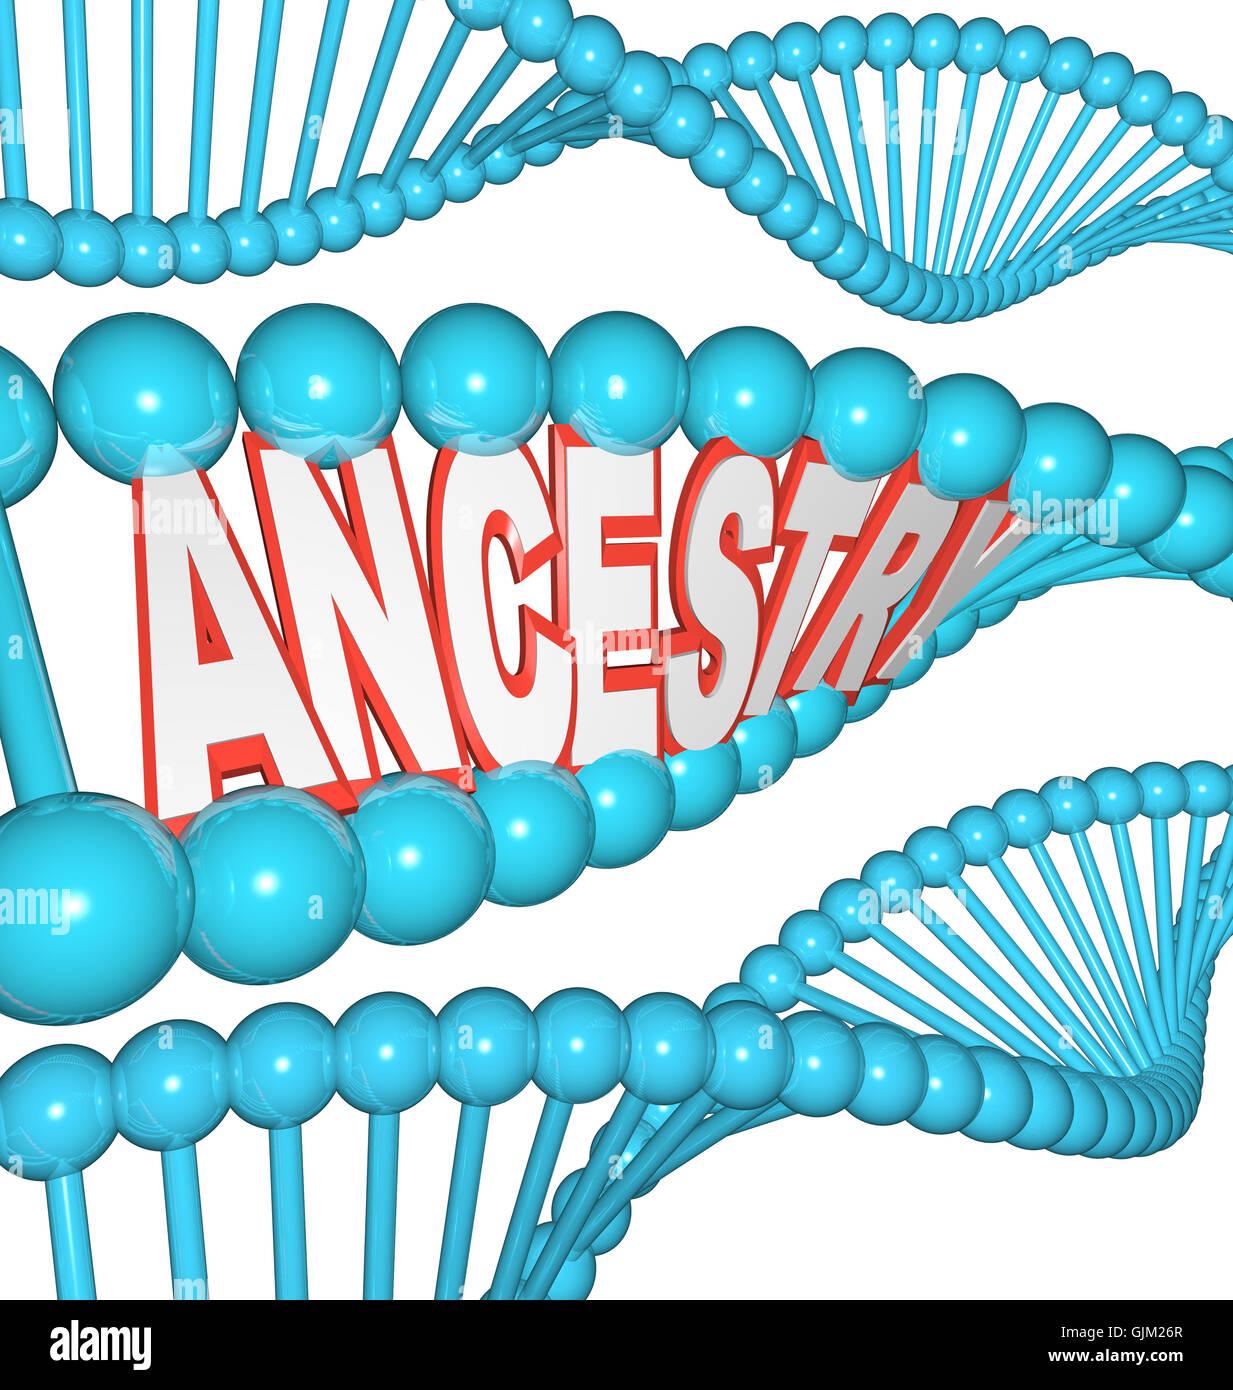 Ancestry parola nella ricerca di DNA la tua genealogia antenati Immagini Stock